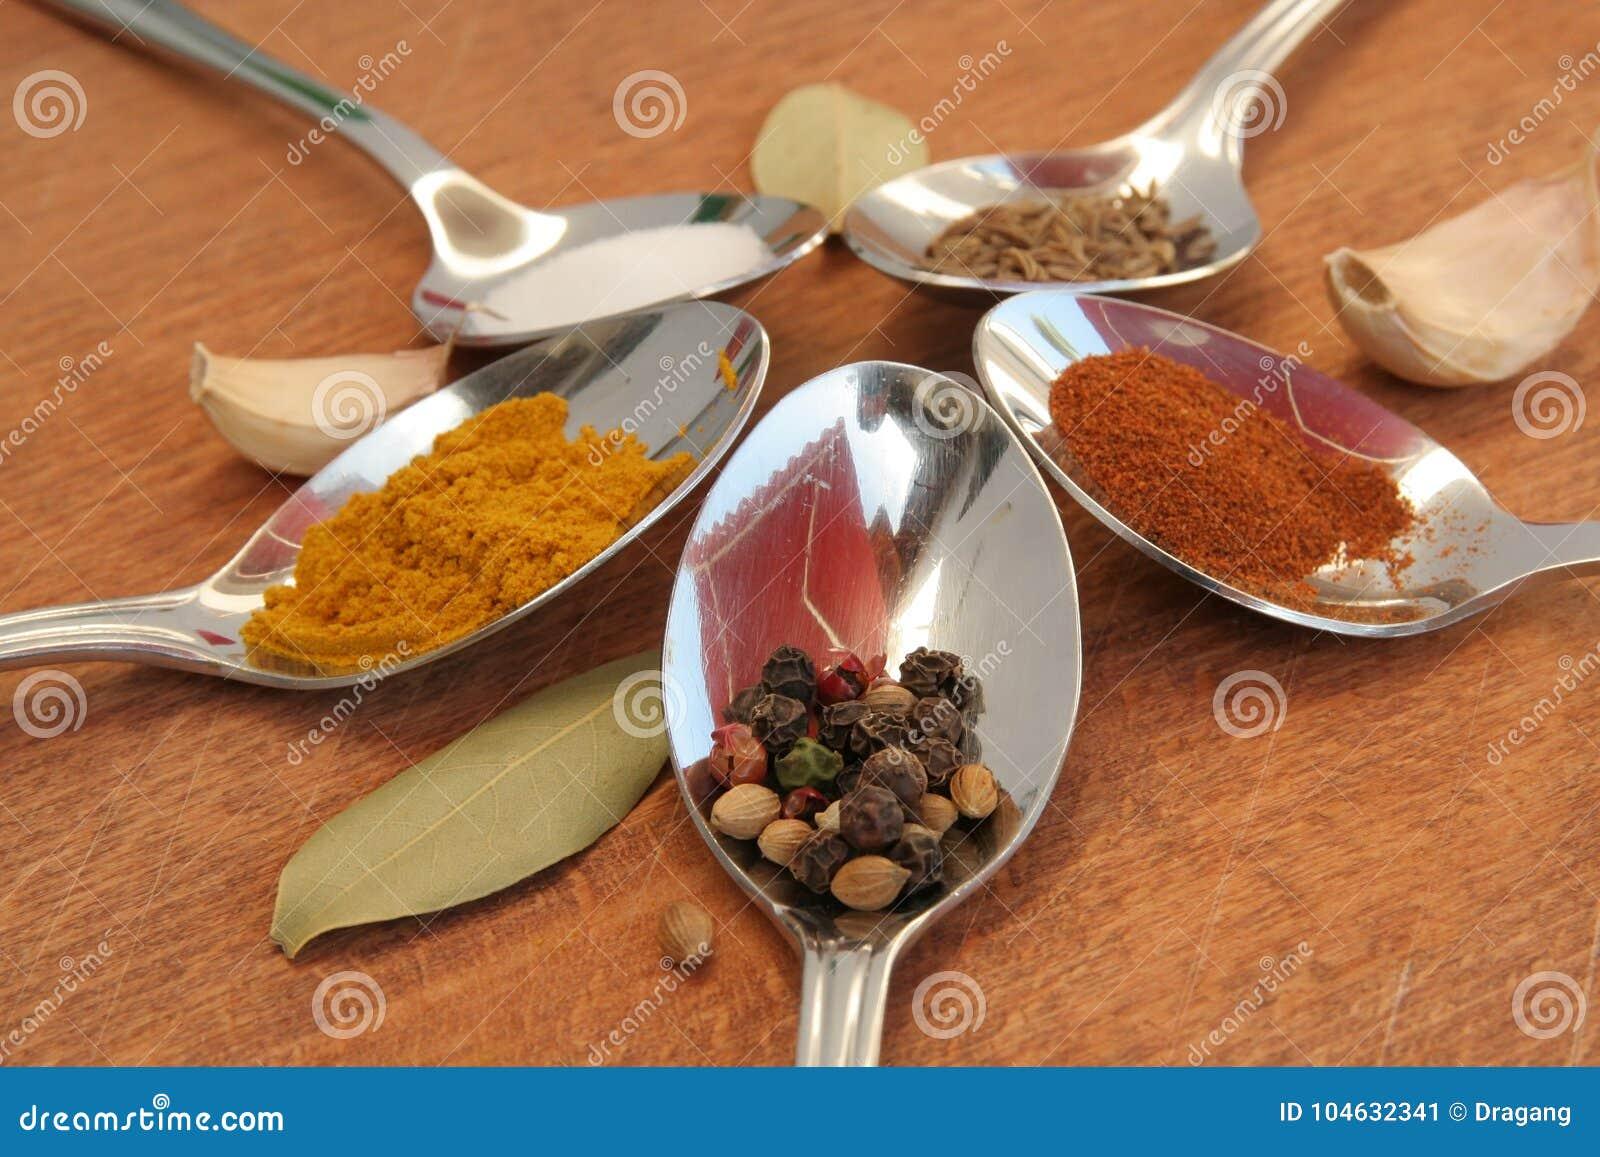 Download Kokende Kruiden Voedselkruiden Kruiden In Theelepeltjes Stock Afbeelding - Afbeelding bestaande uit kleurrijk, sluit: 104632341